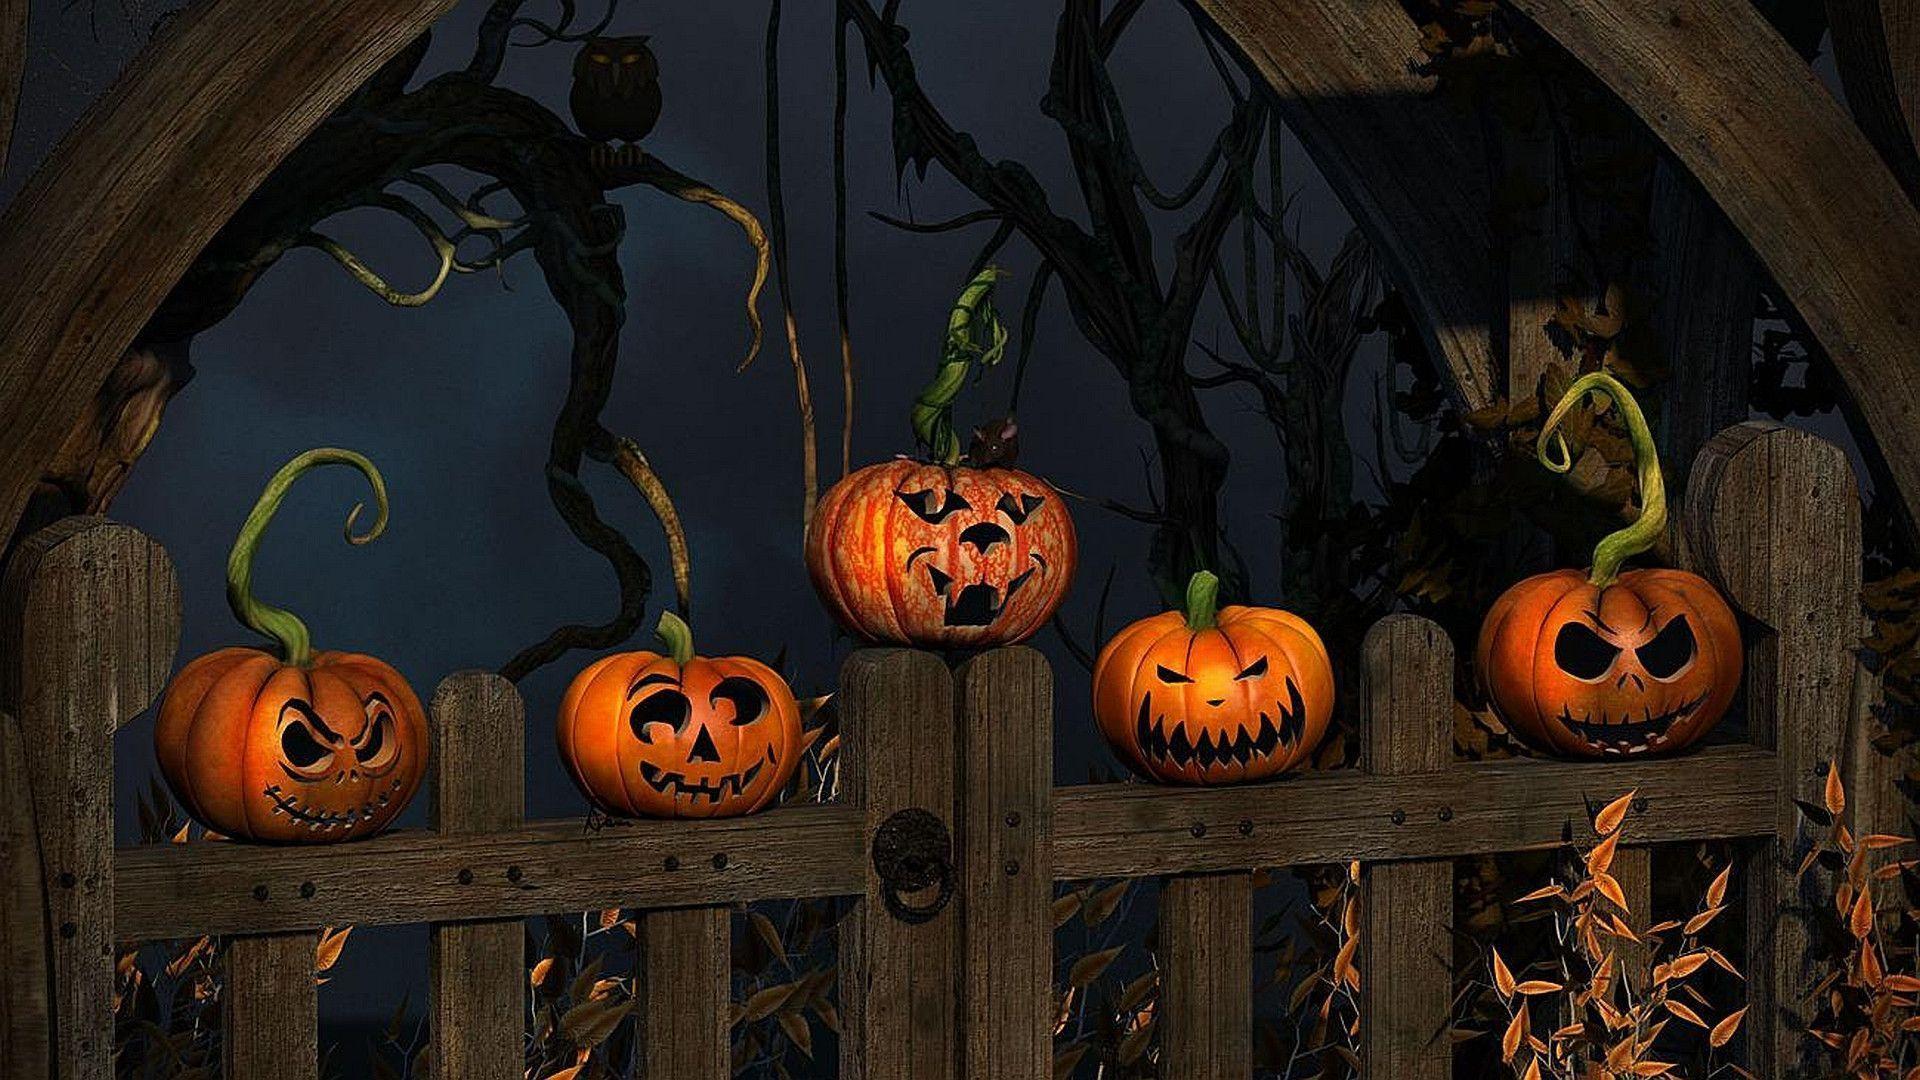 1920x1080 Halloween Wallpapers 1920x1080